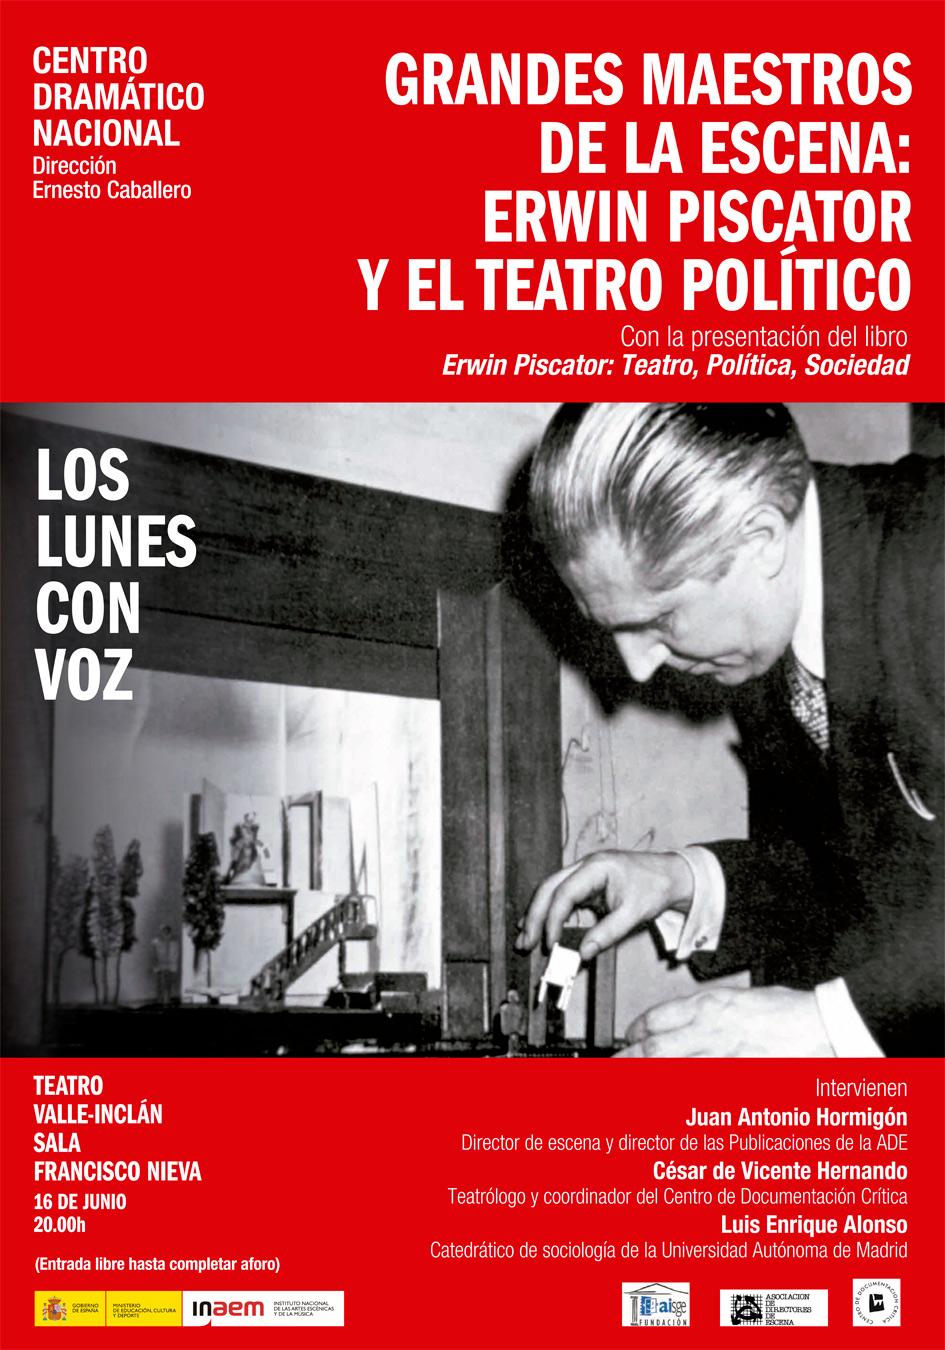 Cartel de Grandes maestros de la escena: Erwin Piscator y el teatro político. Los lunes con voz